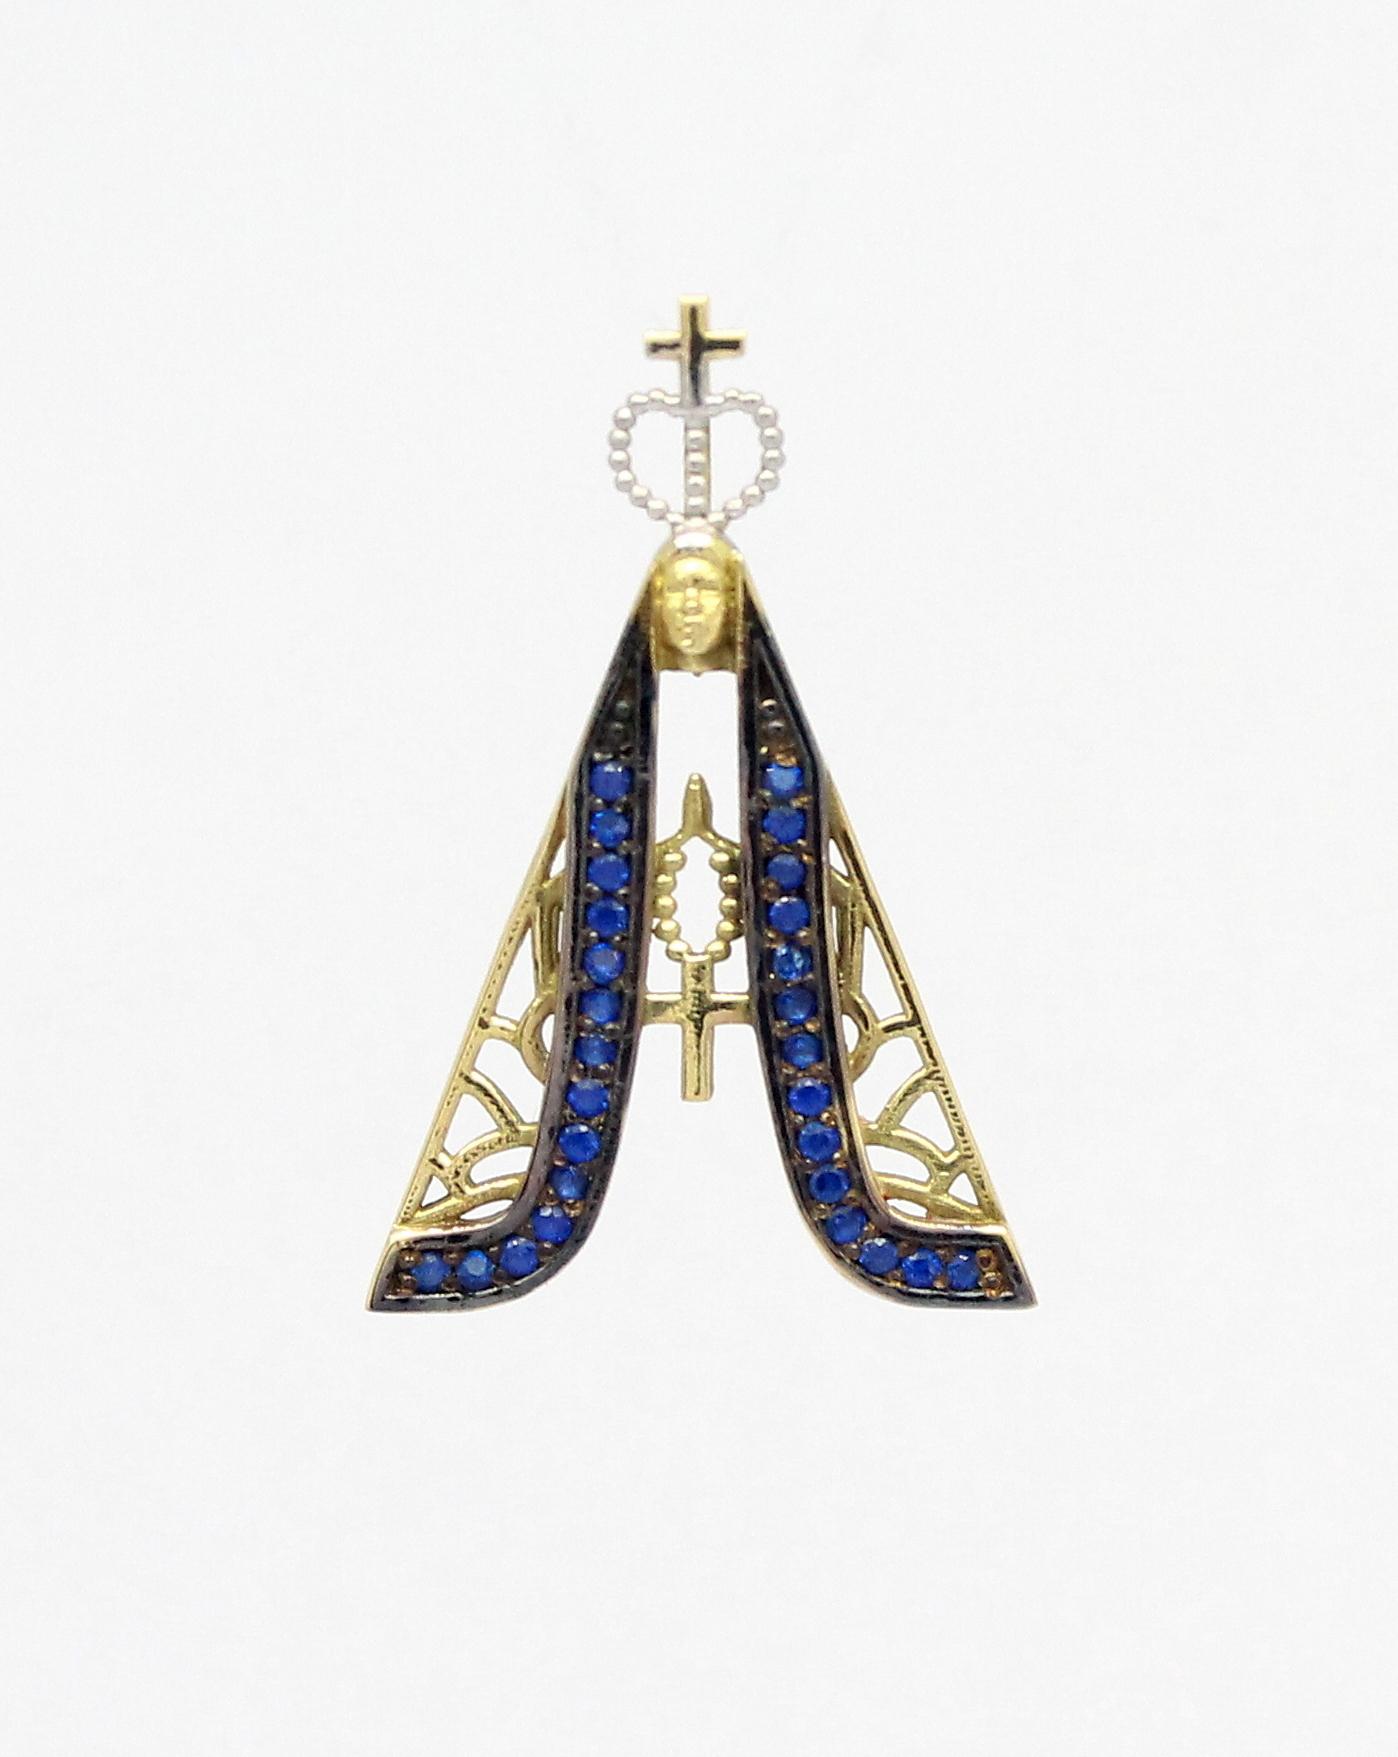 cb92ee2029850 Pingente Nossa Senhora Aparecida Safiras Ouro 18k 750 - Marcio ...